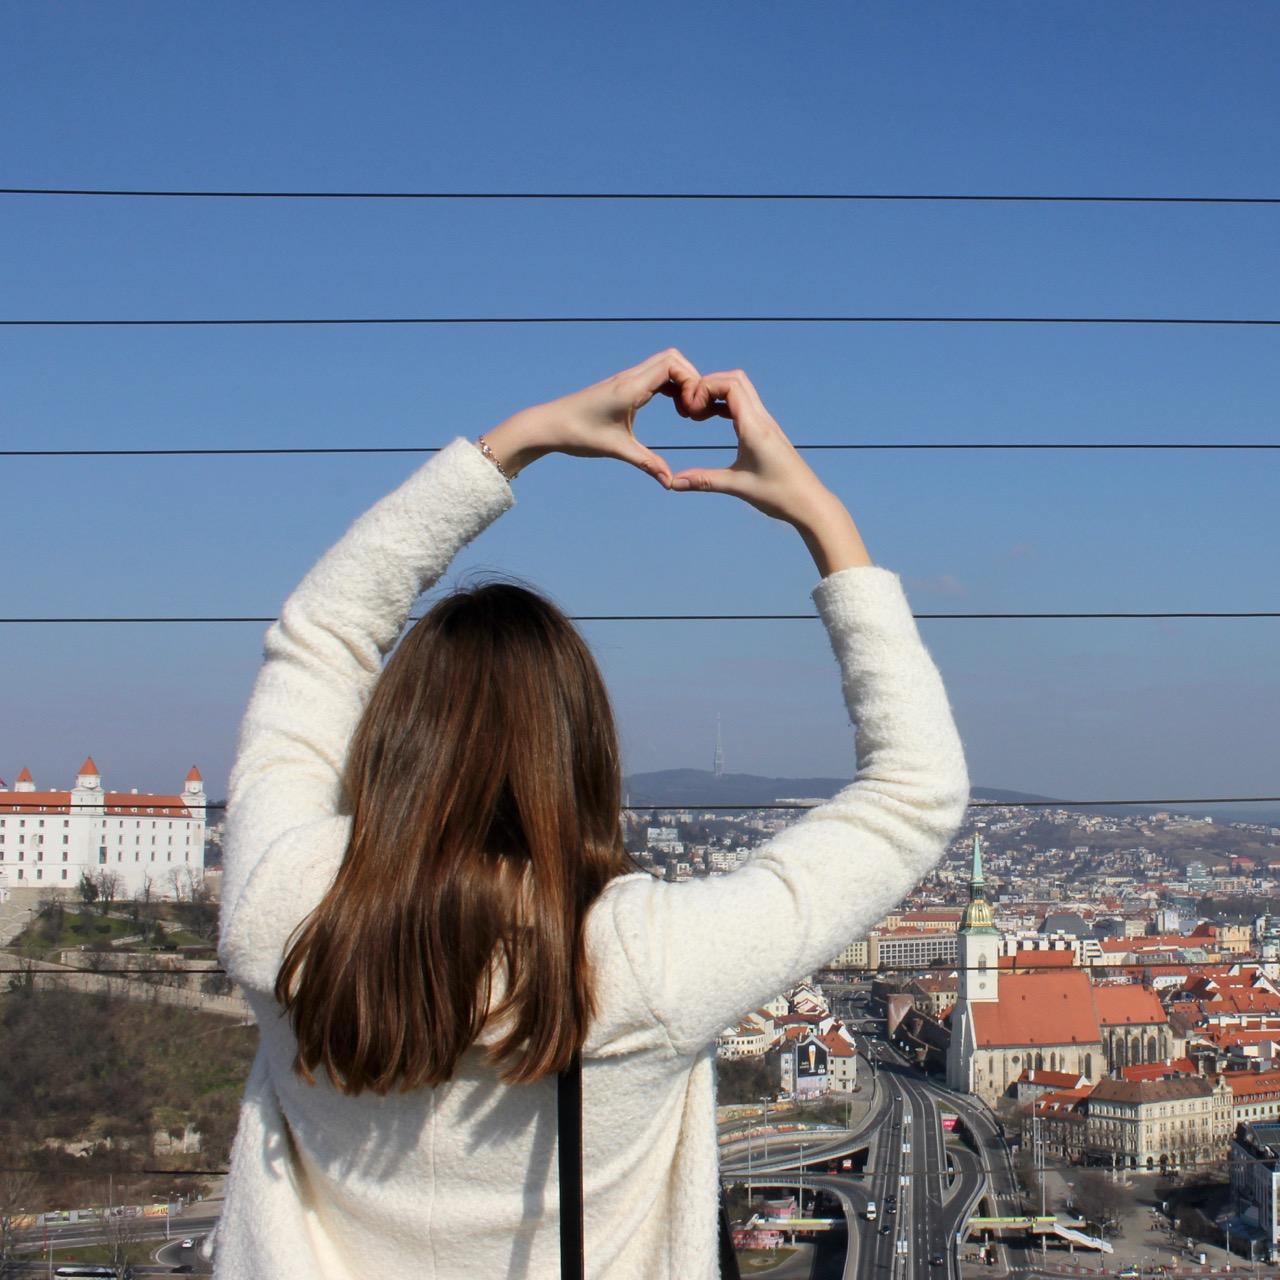 Bratislava, Slovakia - 8